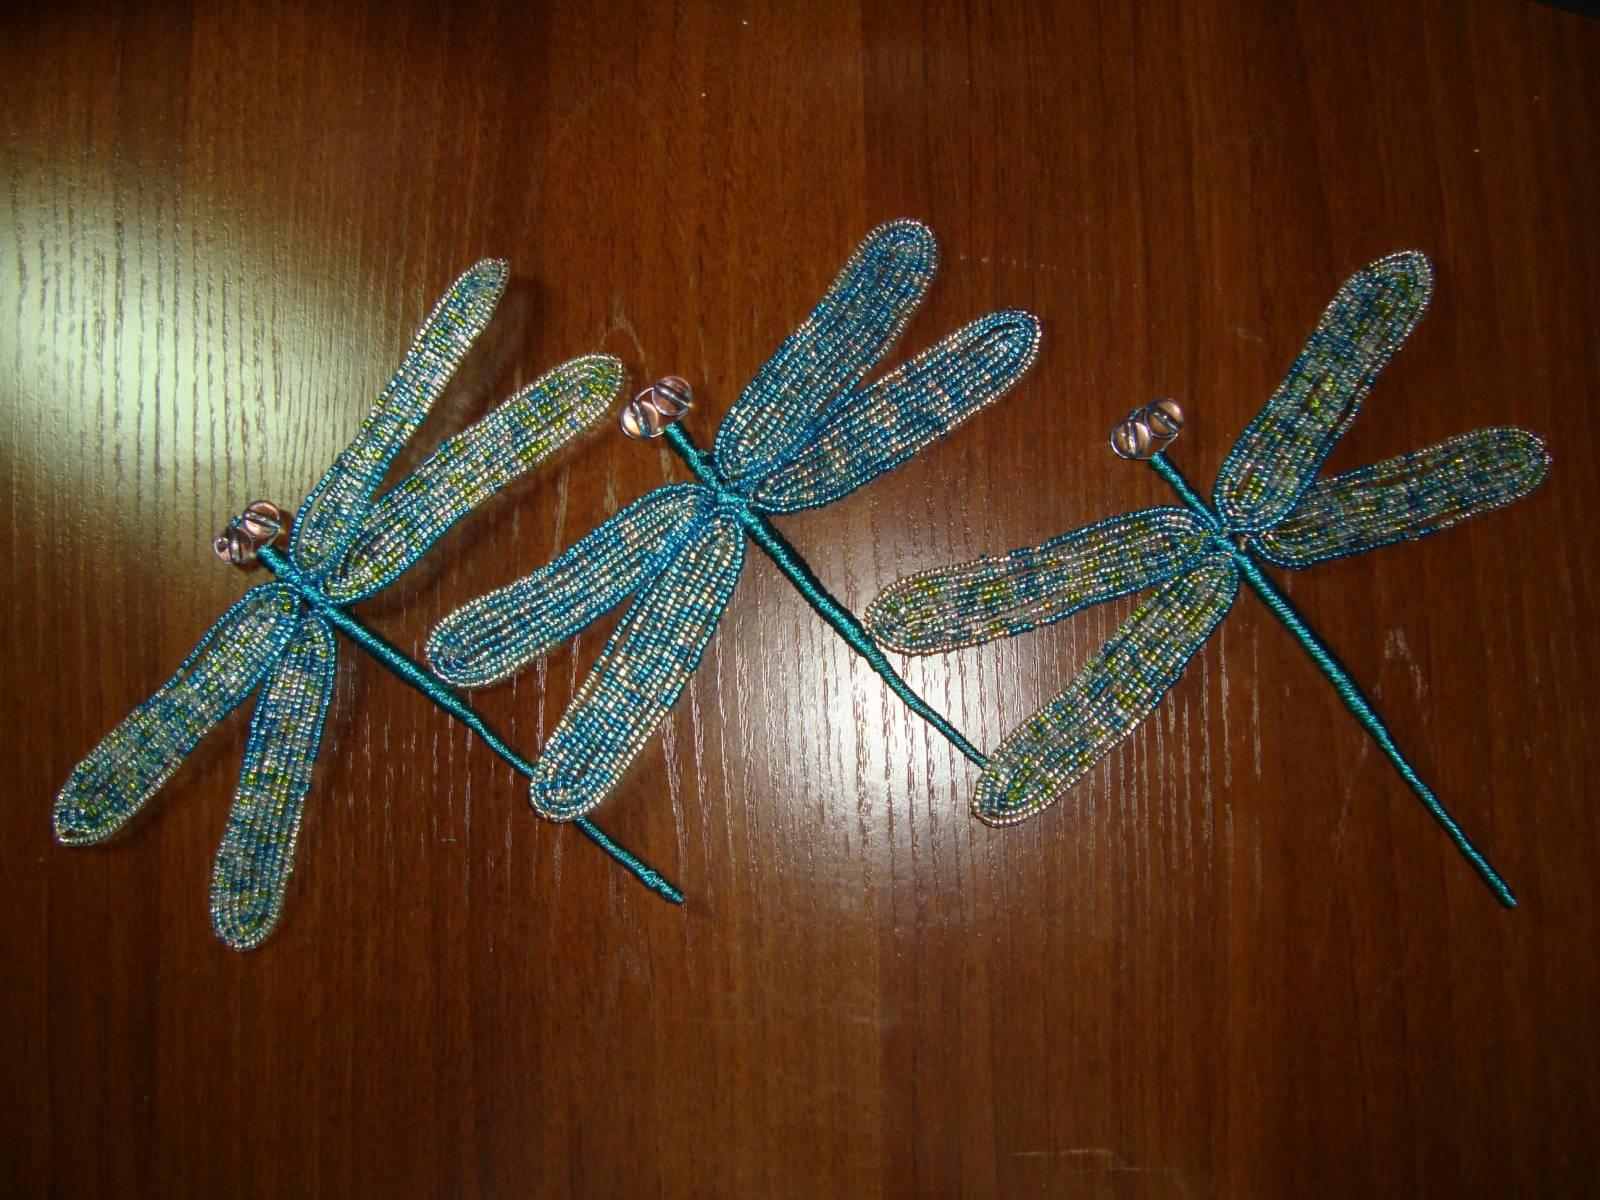 Обучение плетению из бисера бесплатные уроки по бисероплетению. .